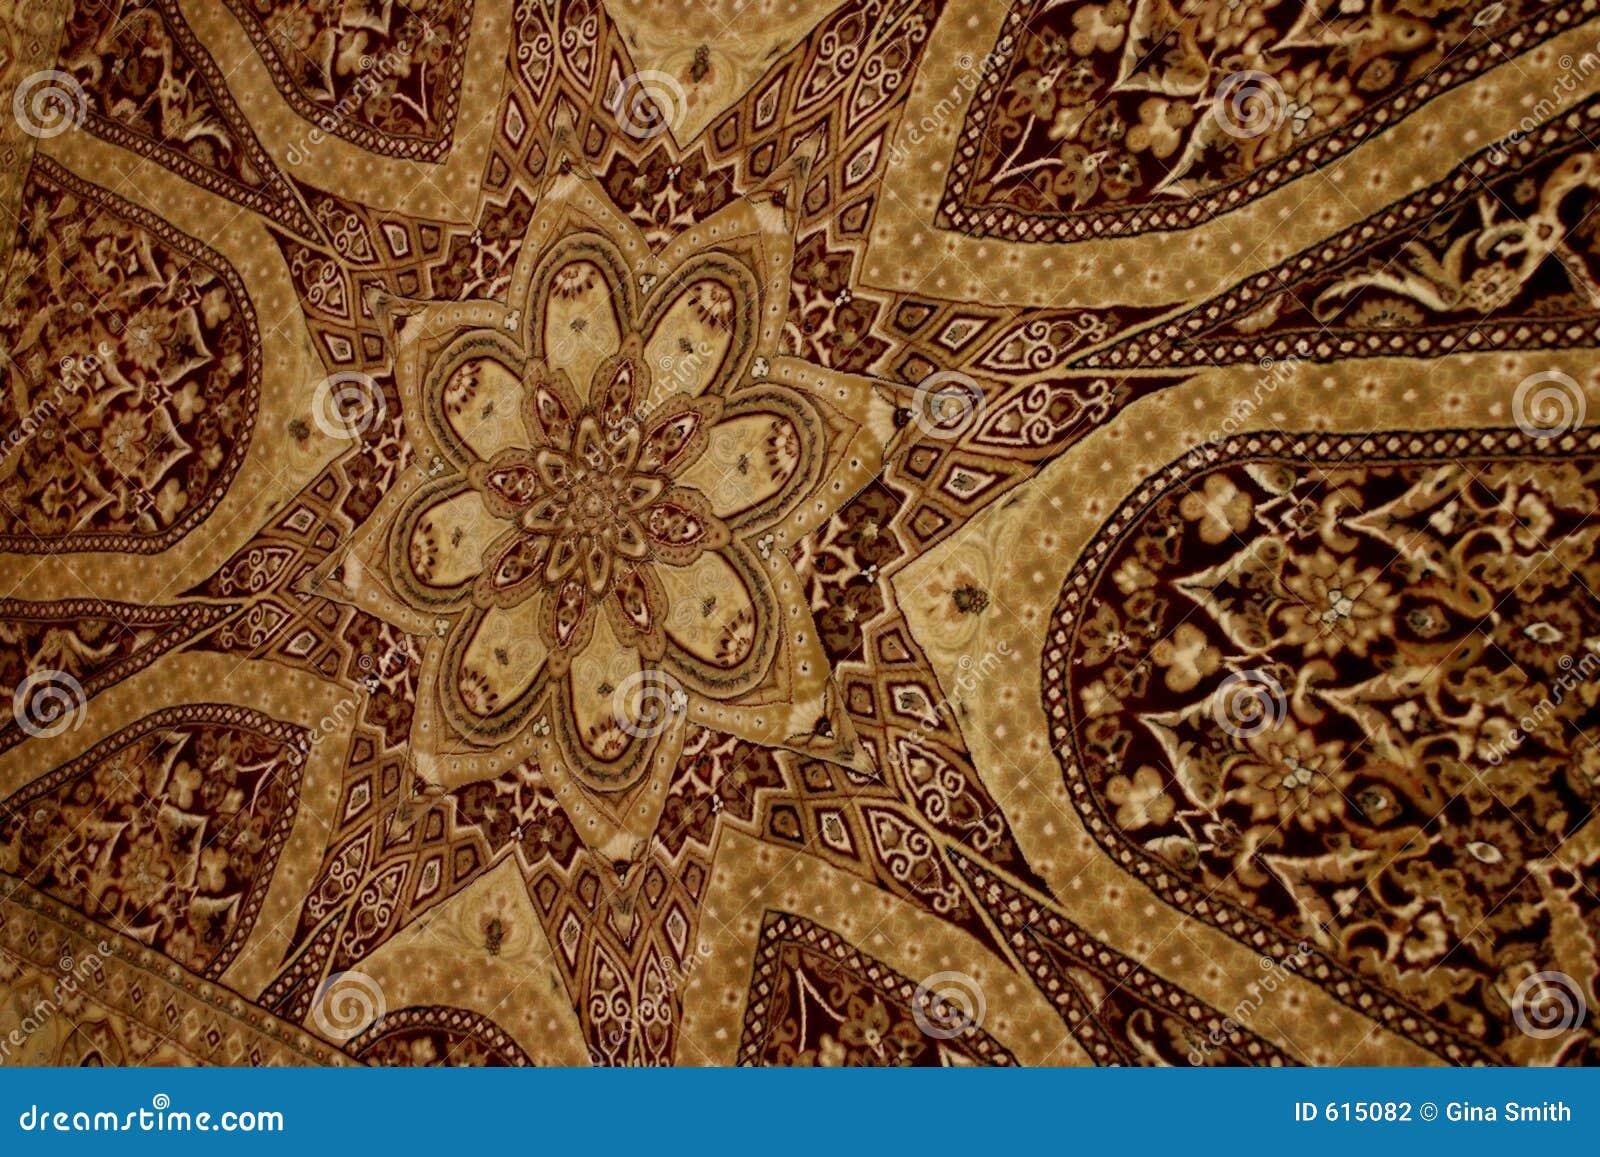 Perzische deken